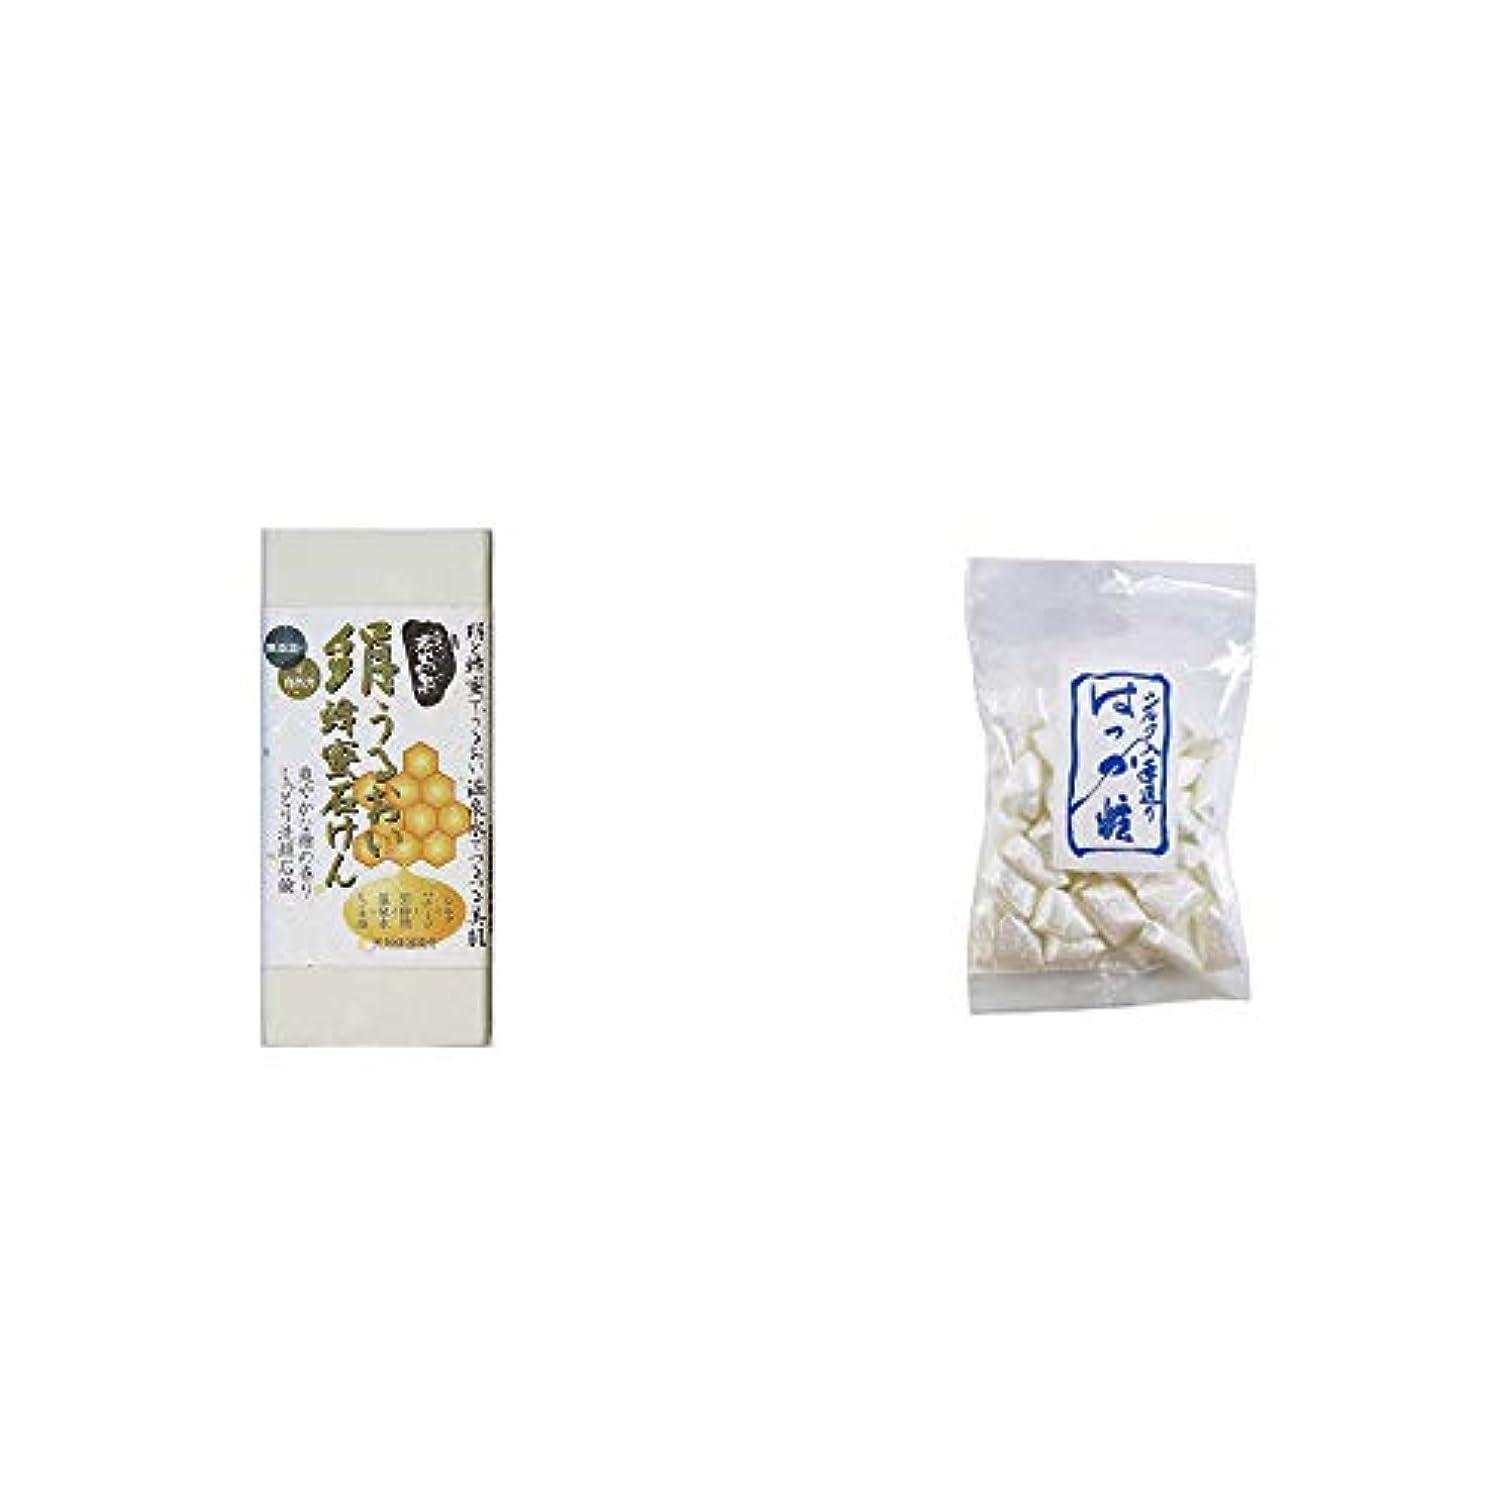 味方制限する口実[2点セット] ひのき炭黒泉 絹うるおい蜂蜜石けん(75g×2)?シルクはっか糖(150g)